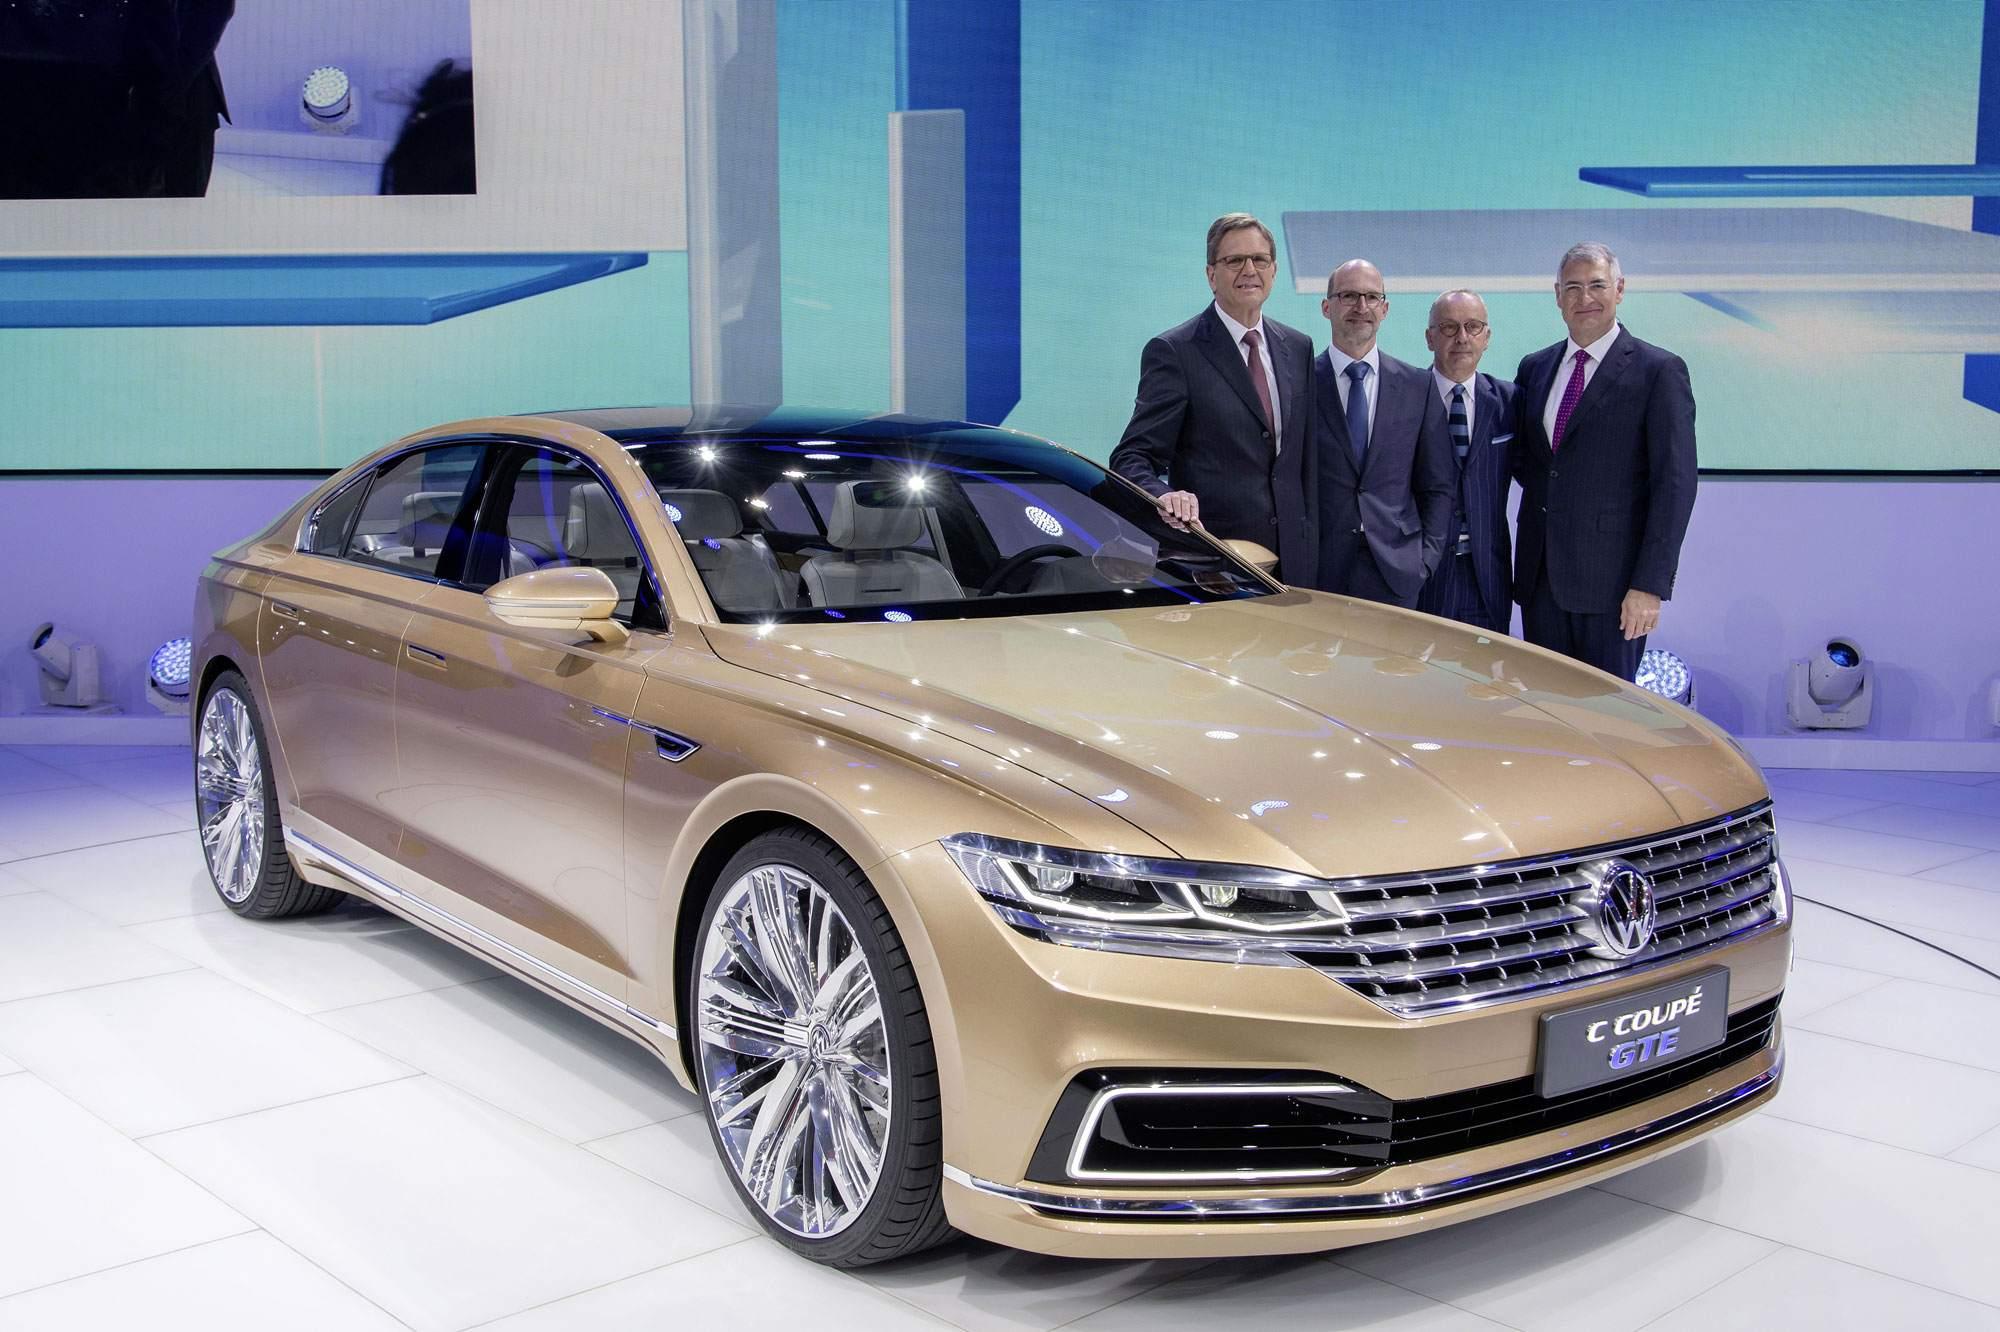 AutoChina Shanghai 2015 Volkswagen Pressekonferenz 20 April 2015